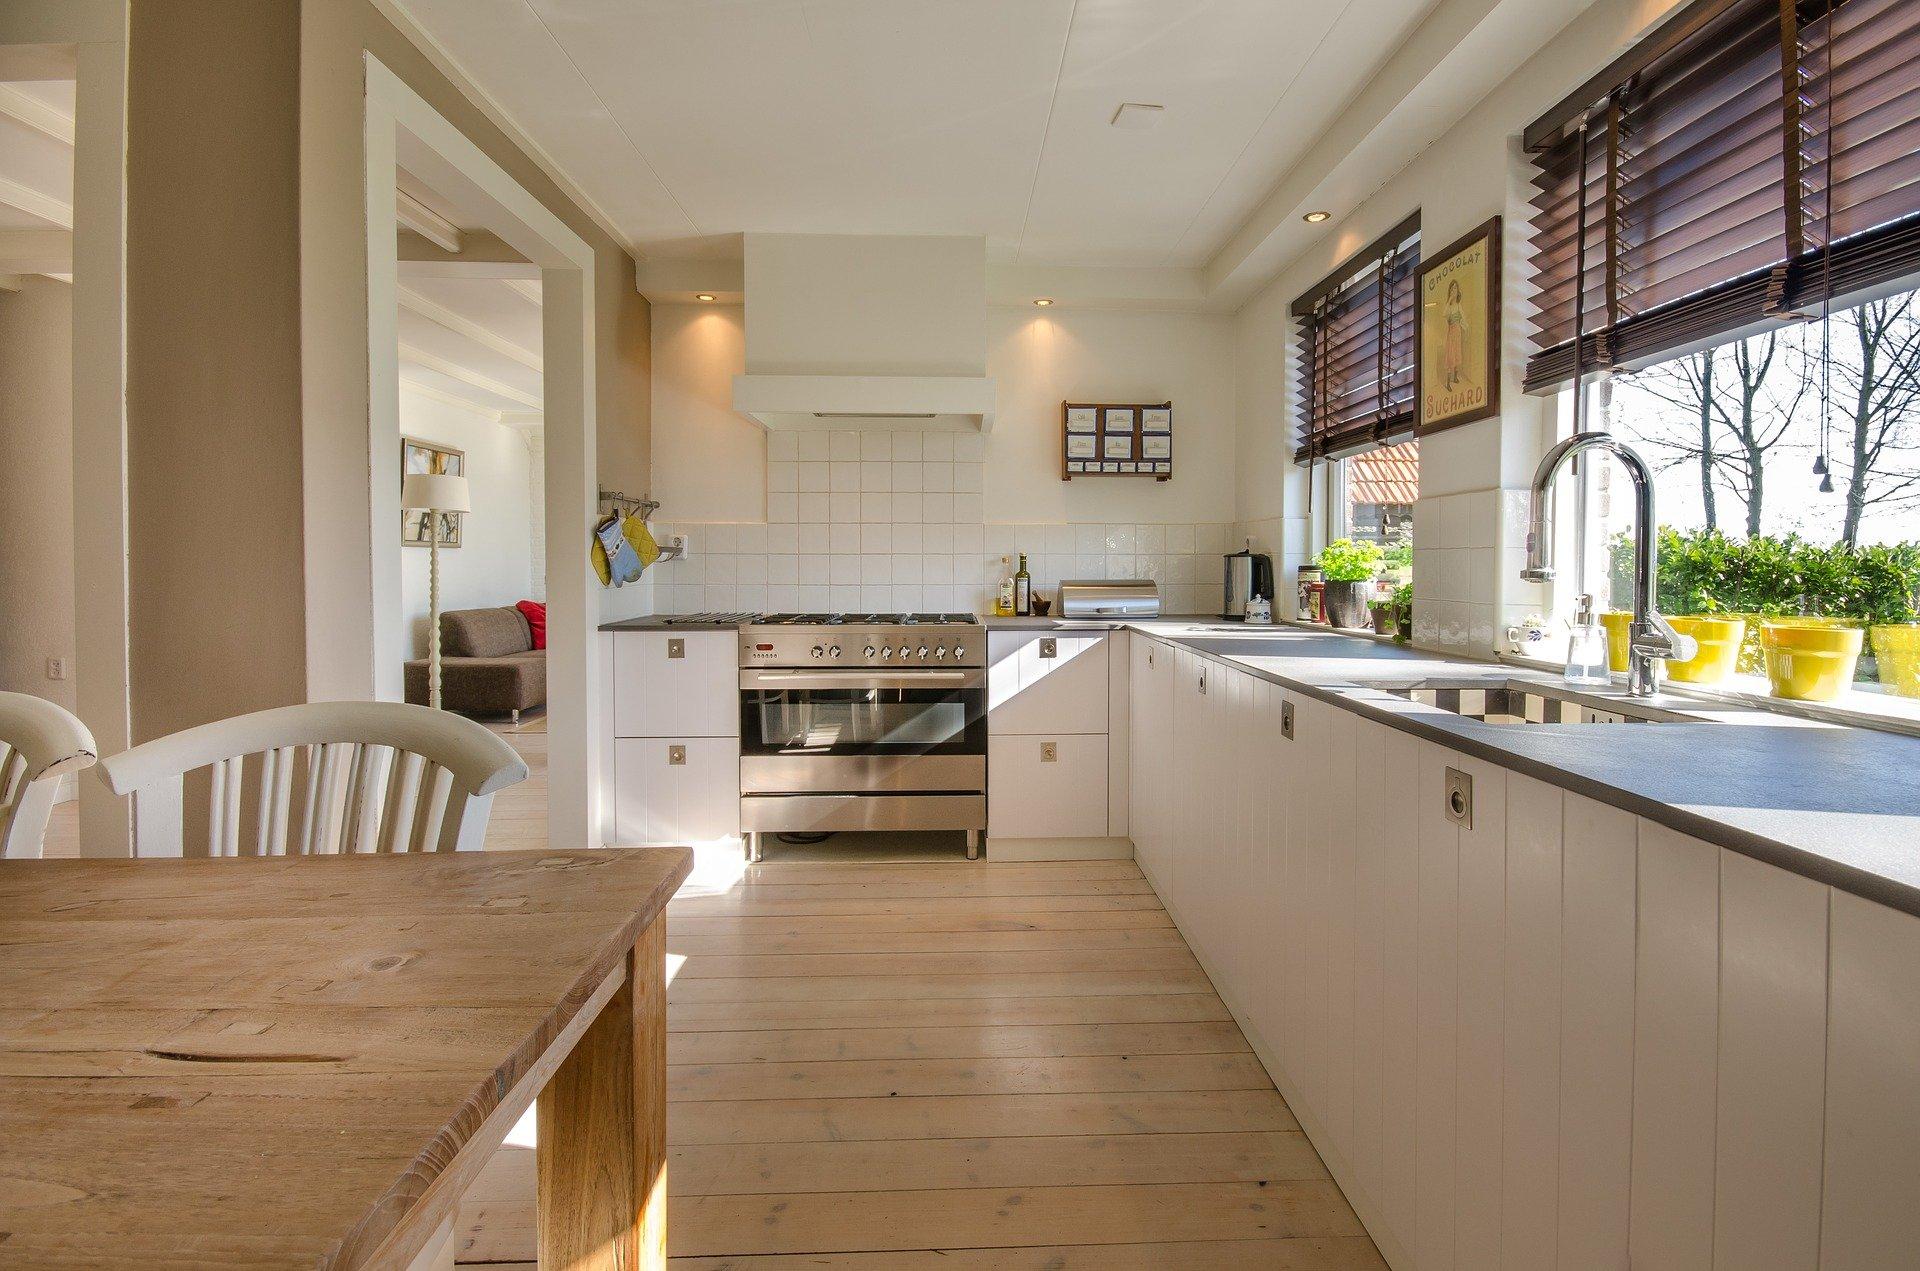 kitchen 2165756 1920